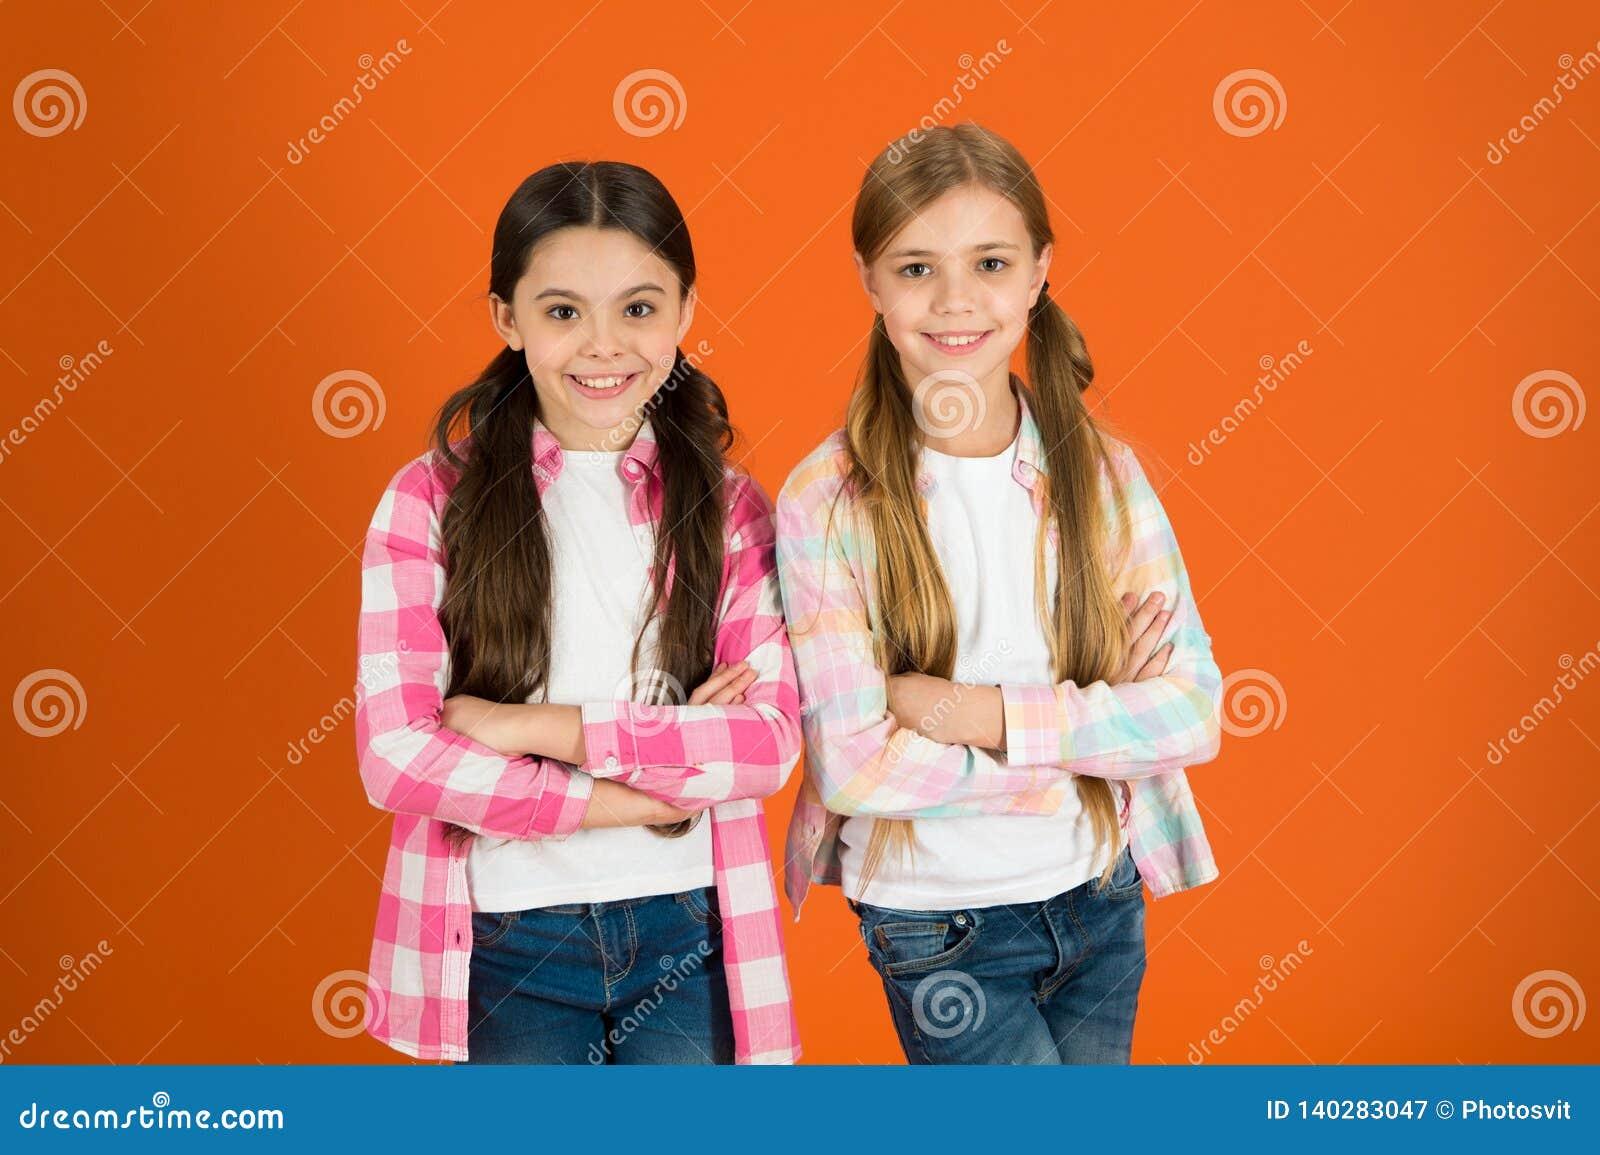 Mädchen lassen normalerweise ihr Haar lang wachsen Gesundes und glänzendes Haar Kindernettes Kind mit langer entzückender Frisur